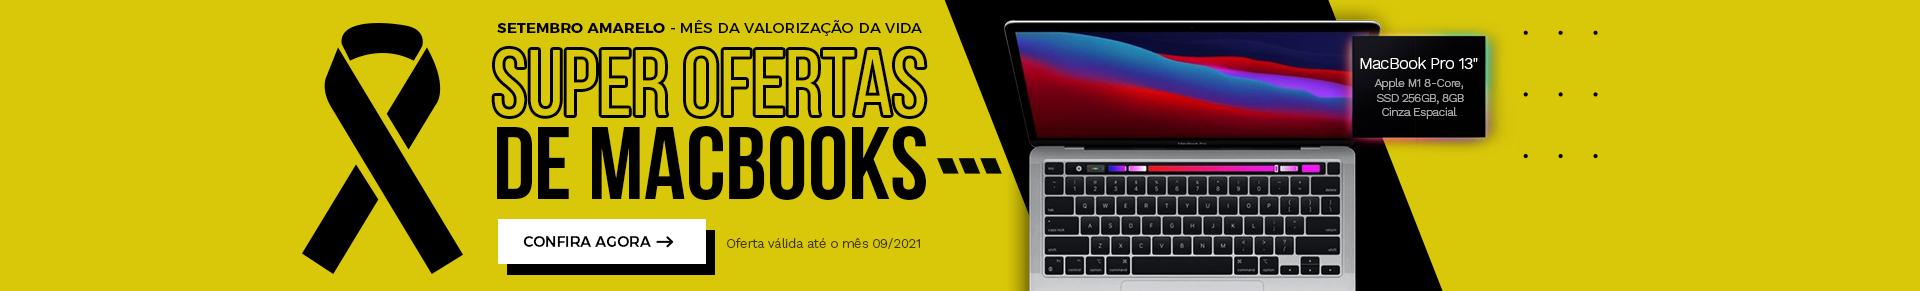 Setembro Amarelo 2021 - MacBook Pro MYD92 - Cinza Espacial